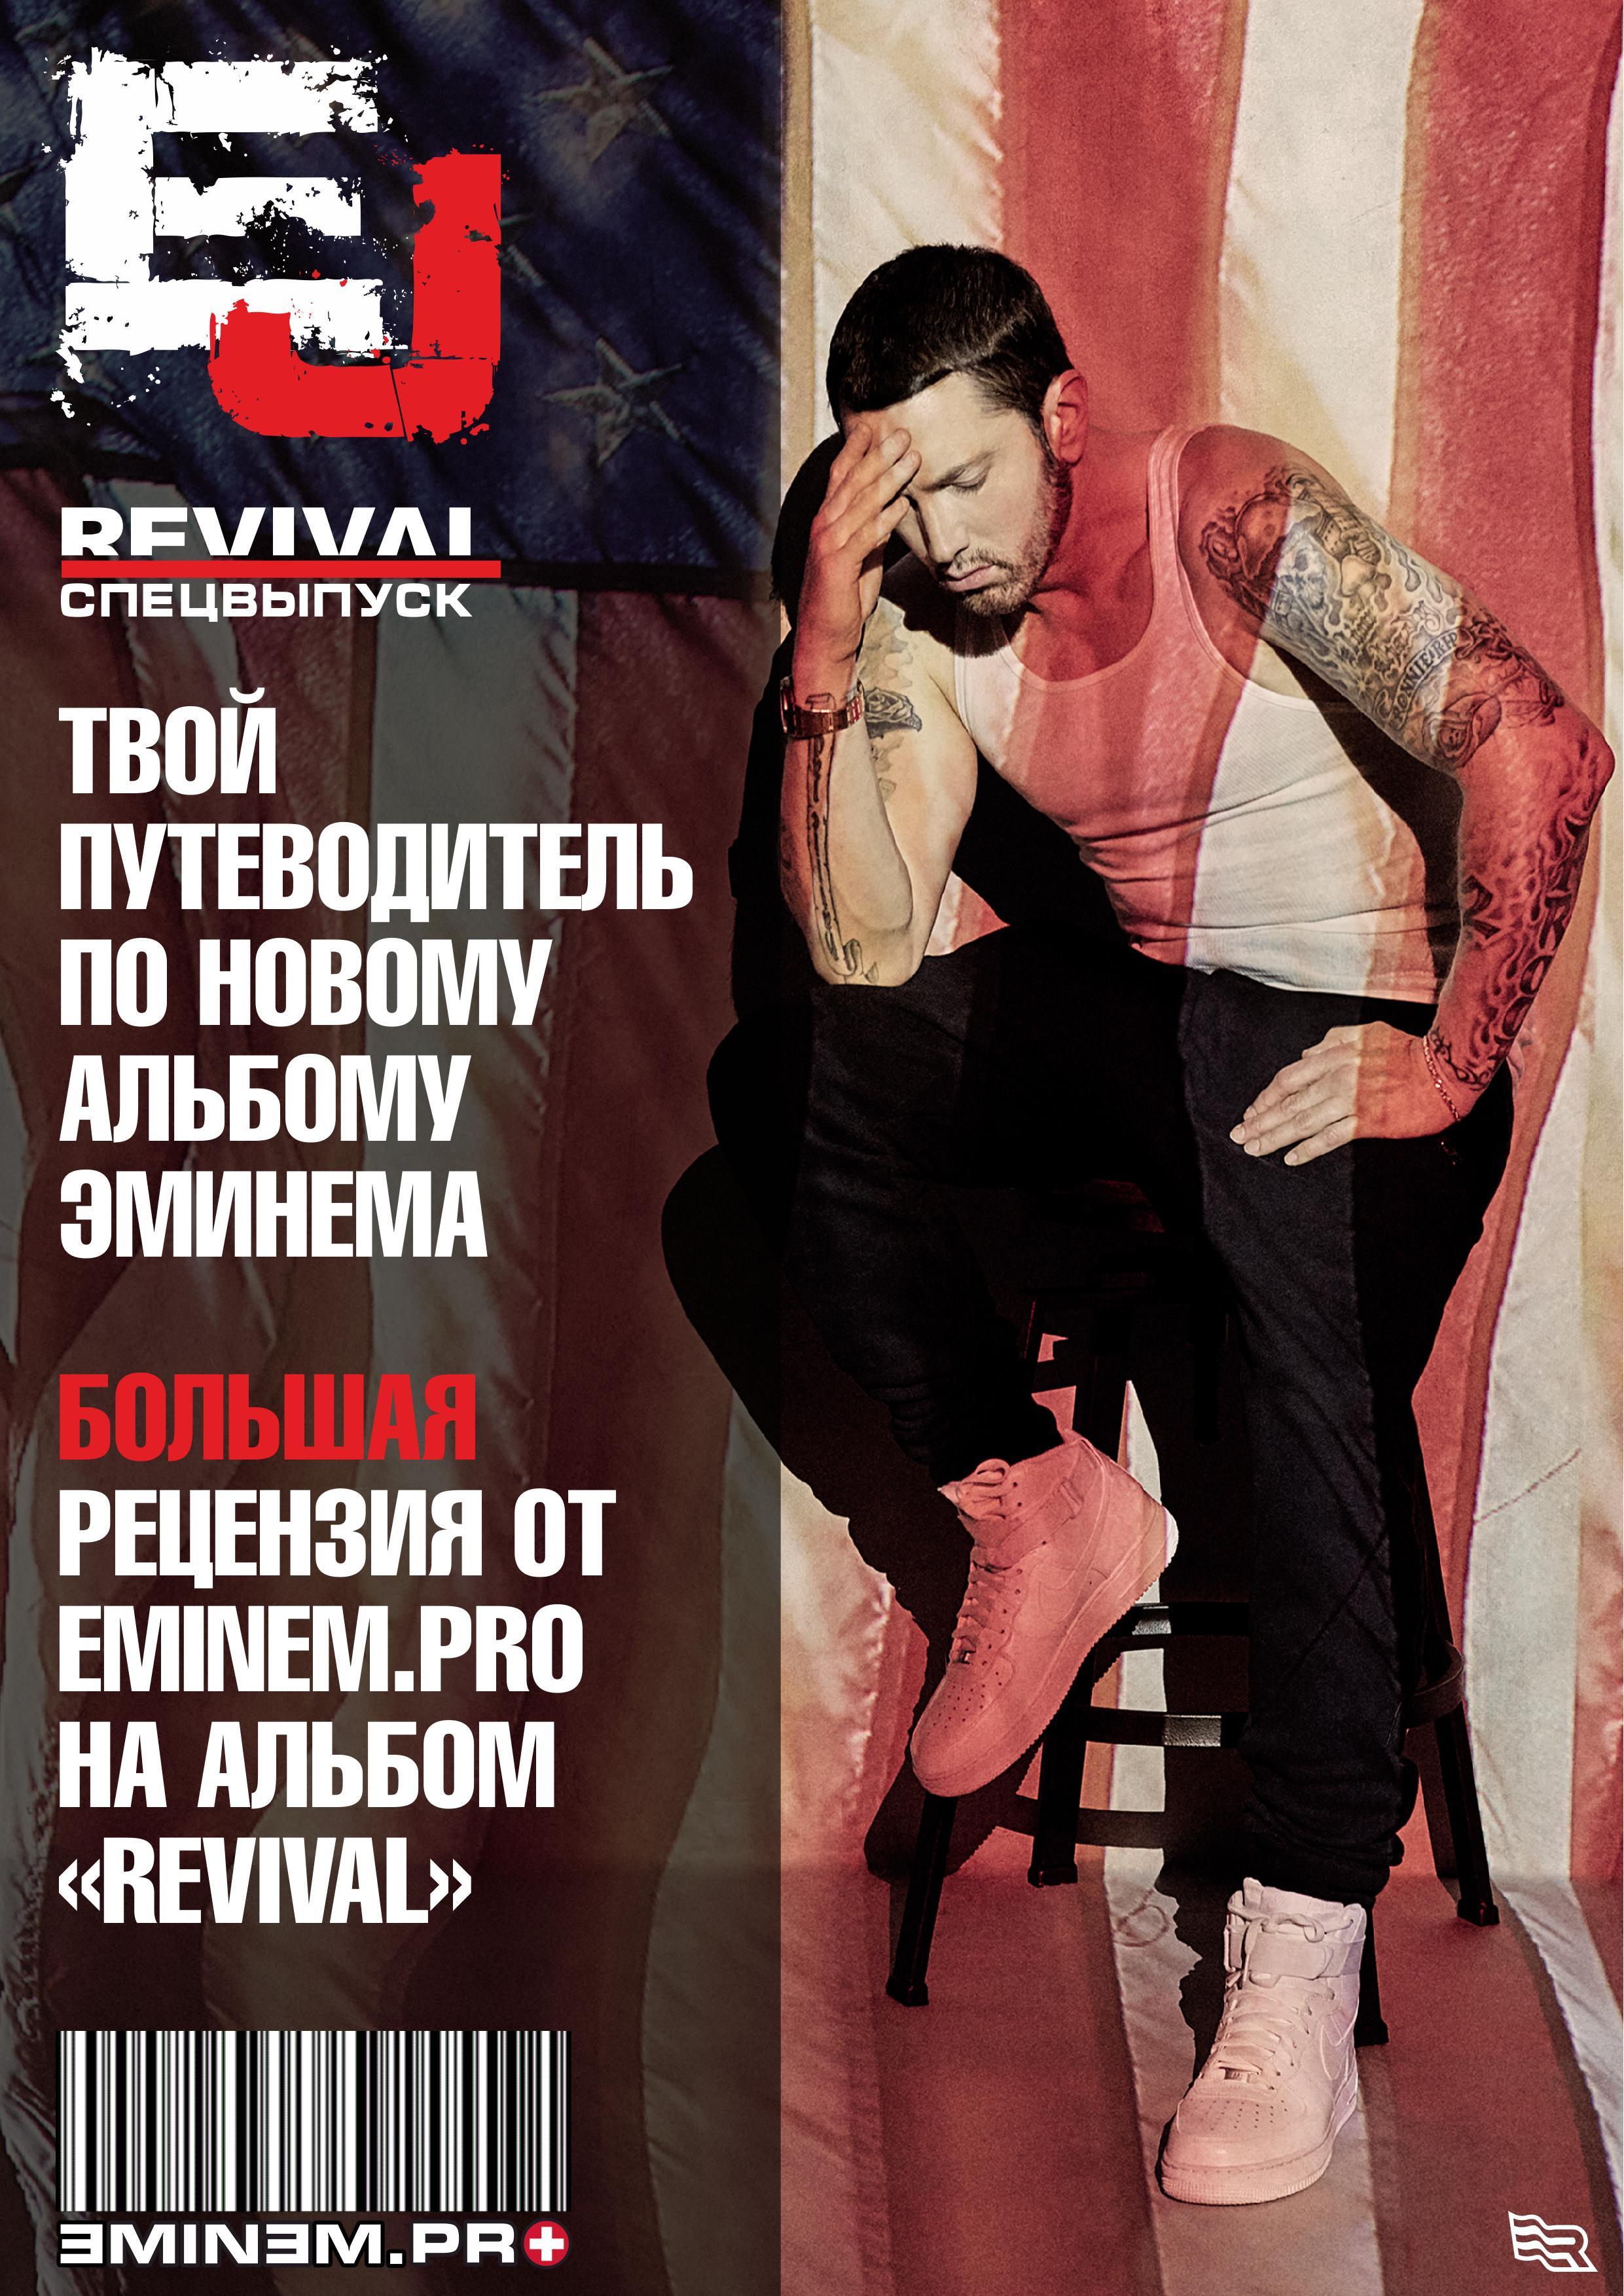 Журнал EJ: тридцатый выпуск Eminem Revival